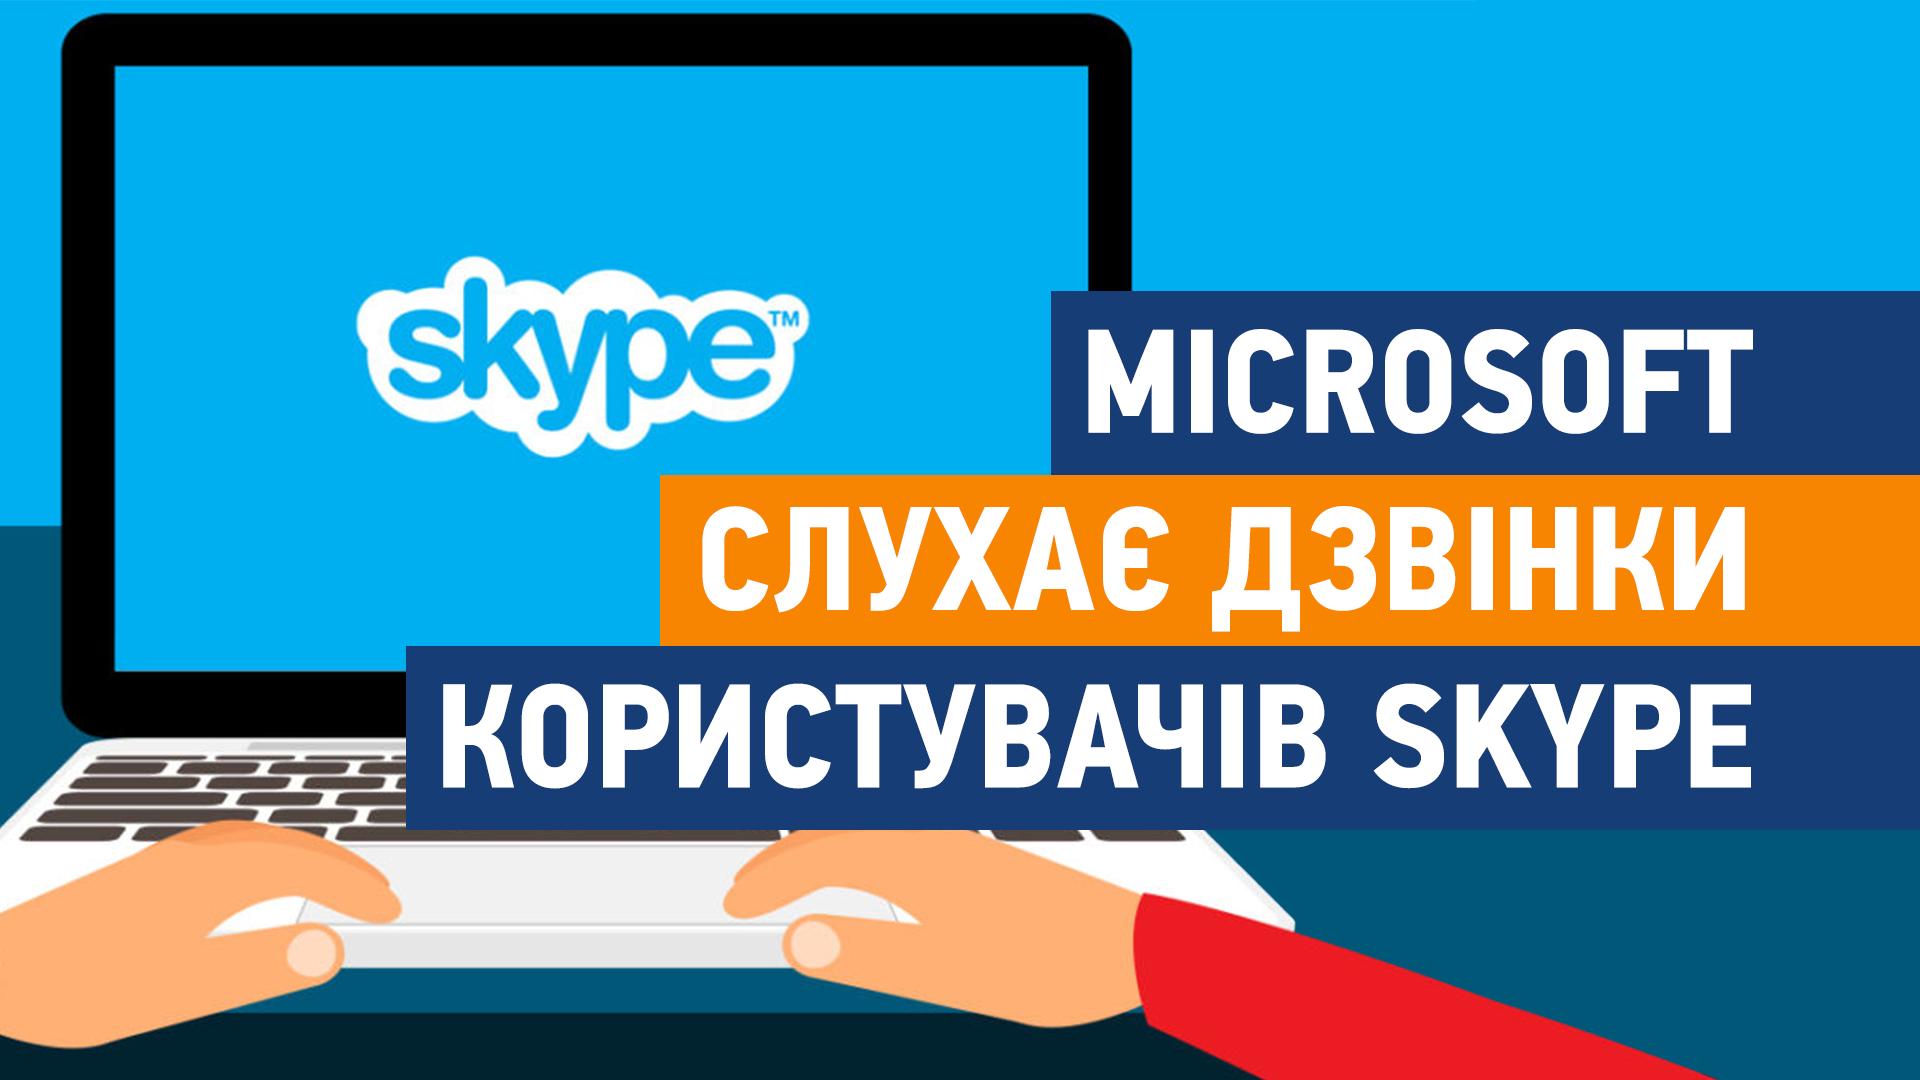 Підрядники Microsoft прослуховують дзвінки користувачів Skype